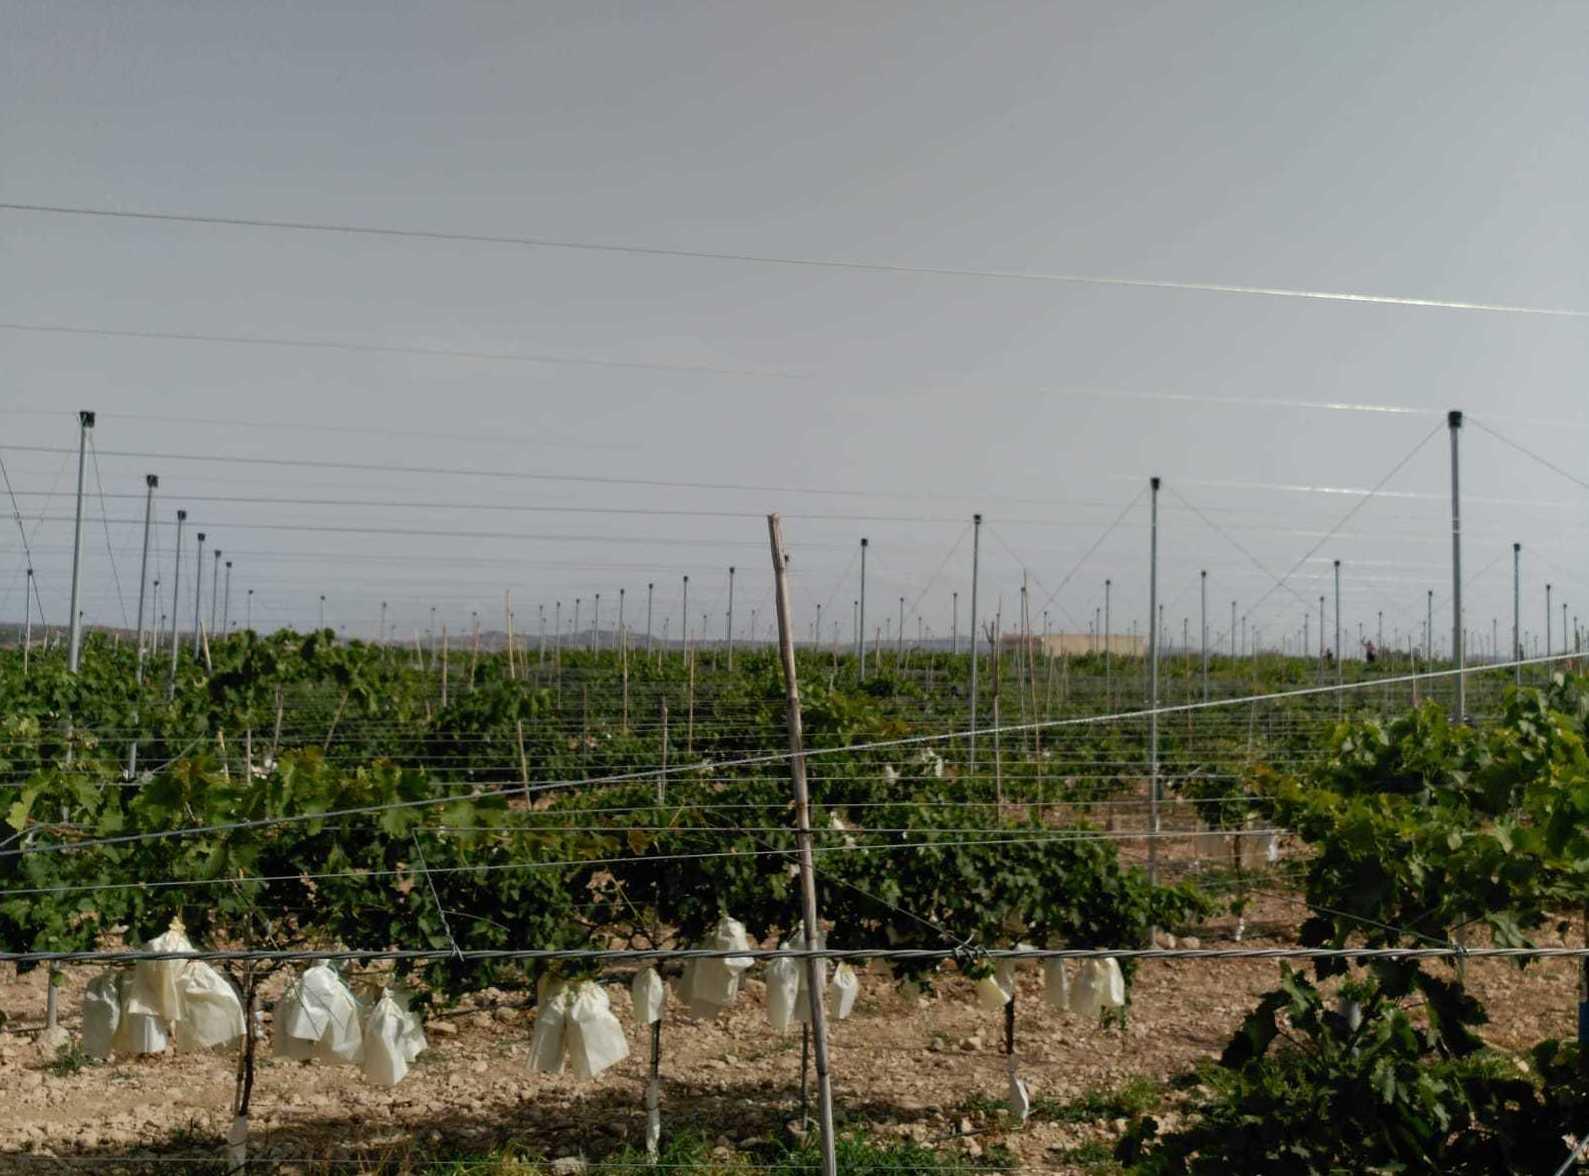 Foto 5 de Infraestructuras y trabajos agrícolas en La Murada – Orihuela | Mantenimiento y Estructuras Agrícolas Mateo e Hijo, S.L.